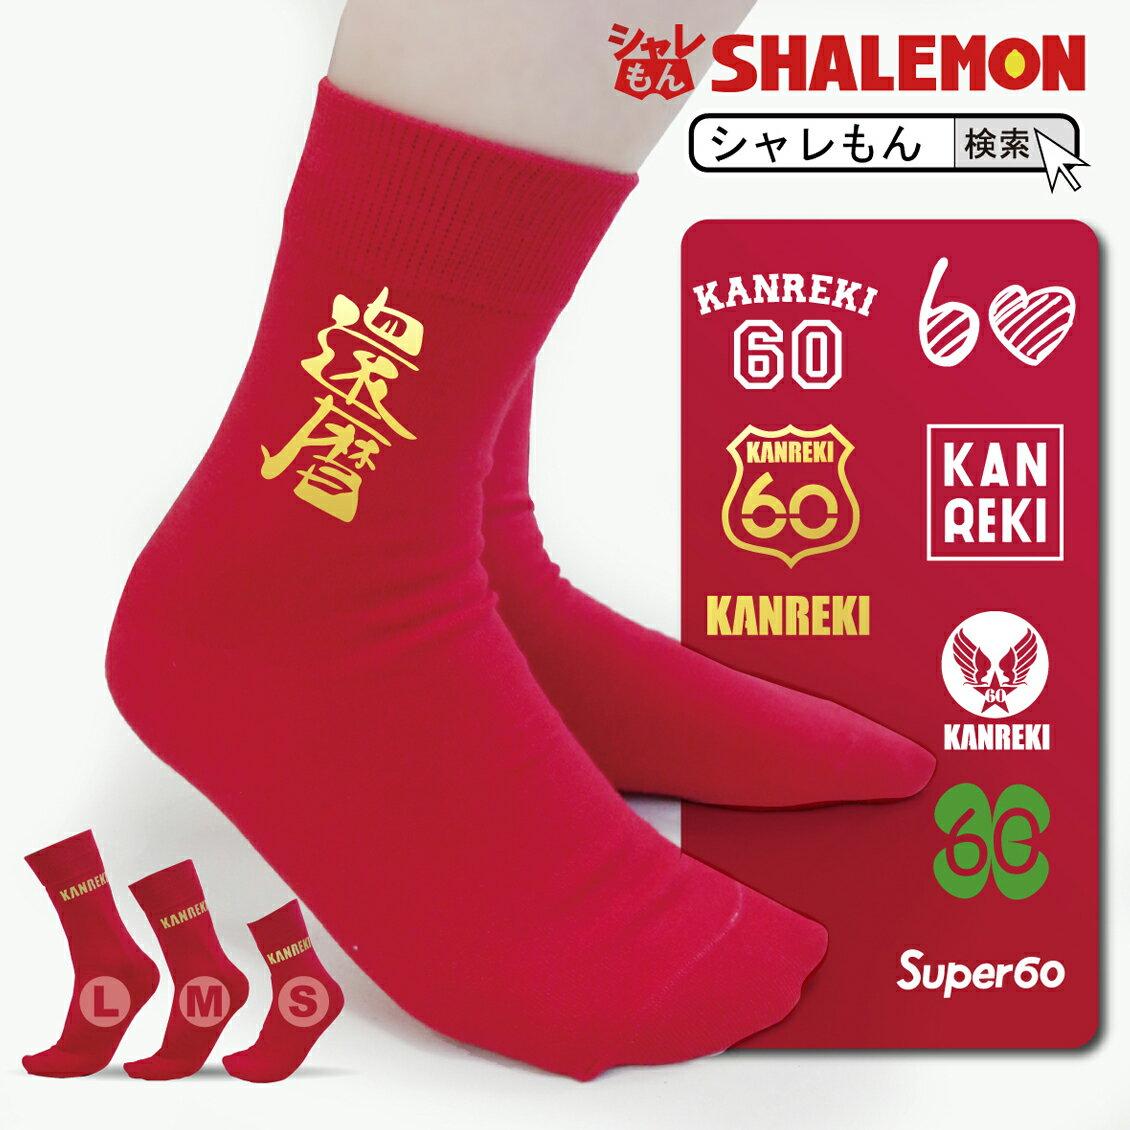 還暦祝い 父 母 還暦 赤い ソックス 【選べるデザイン靴下・ソックス】 男性 女性 還暦 プレゼント ちゃんちゃんこ の代わりに kannreki